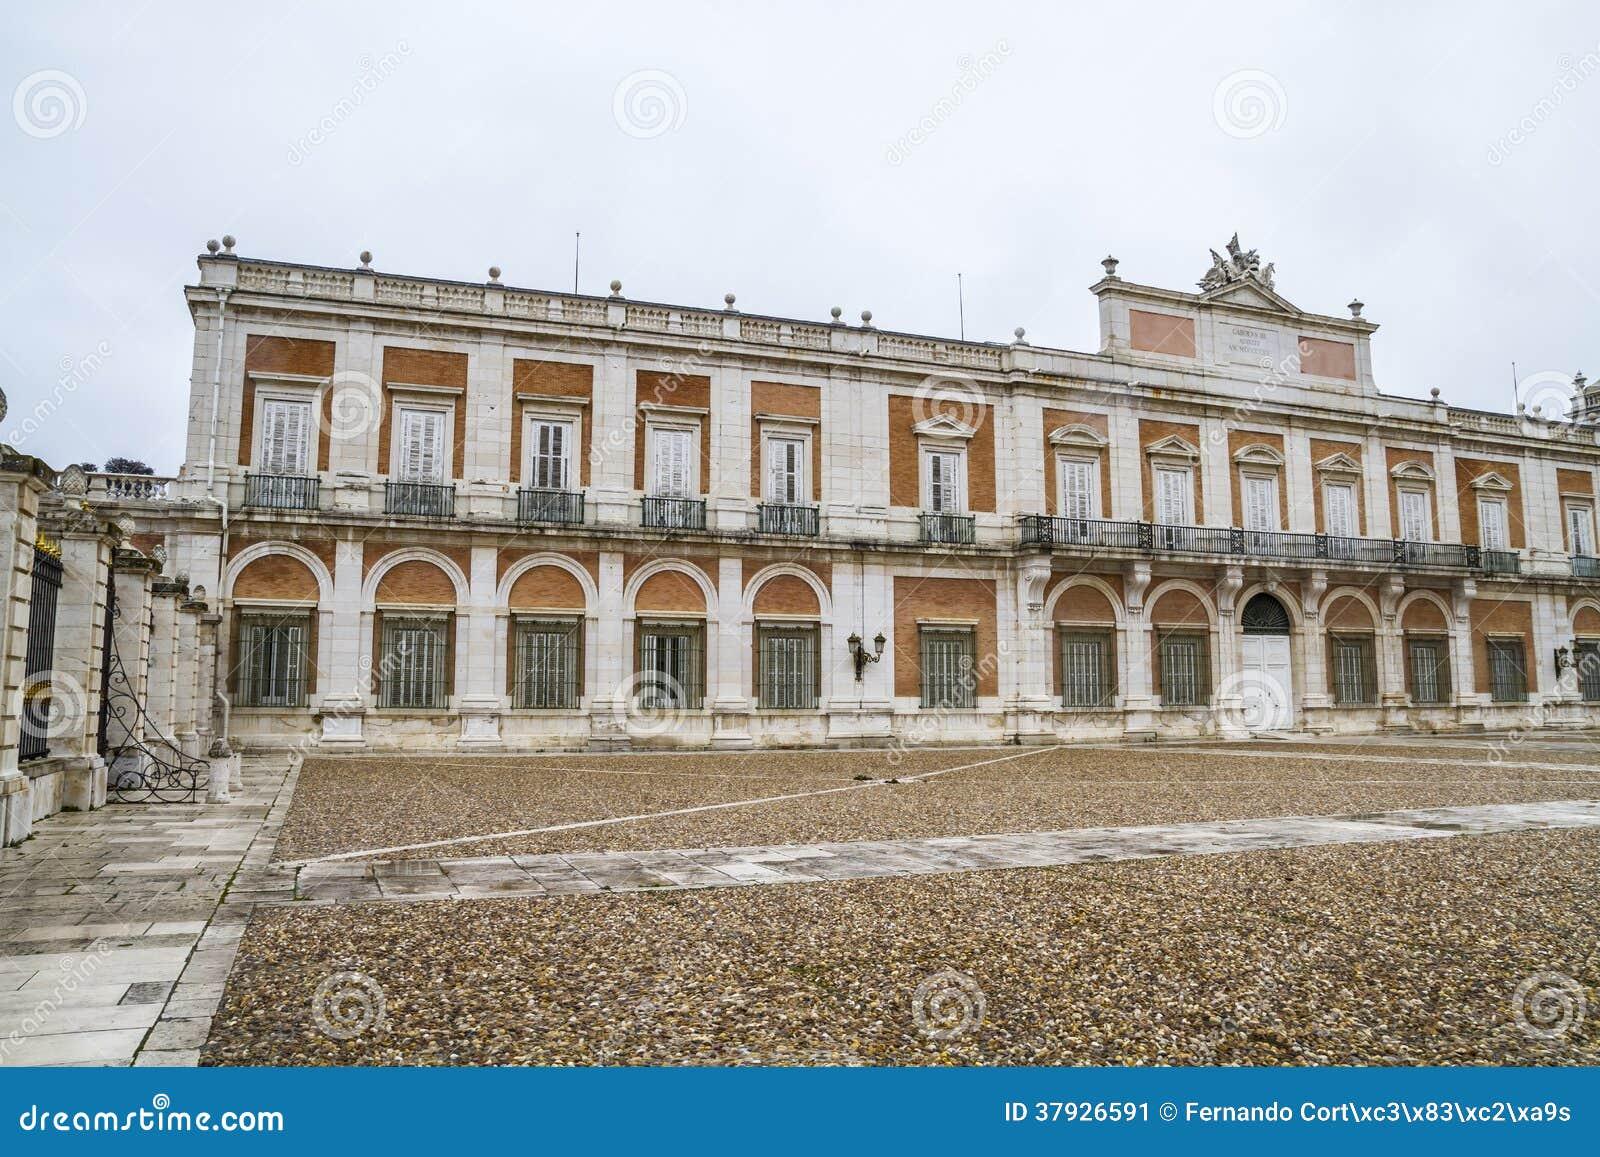 Fachada principal. El palacio de Aranjuez, Madrid, herencia de Spain.World se sienta